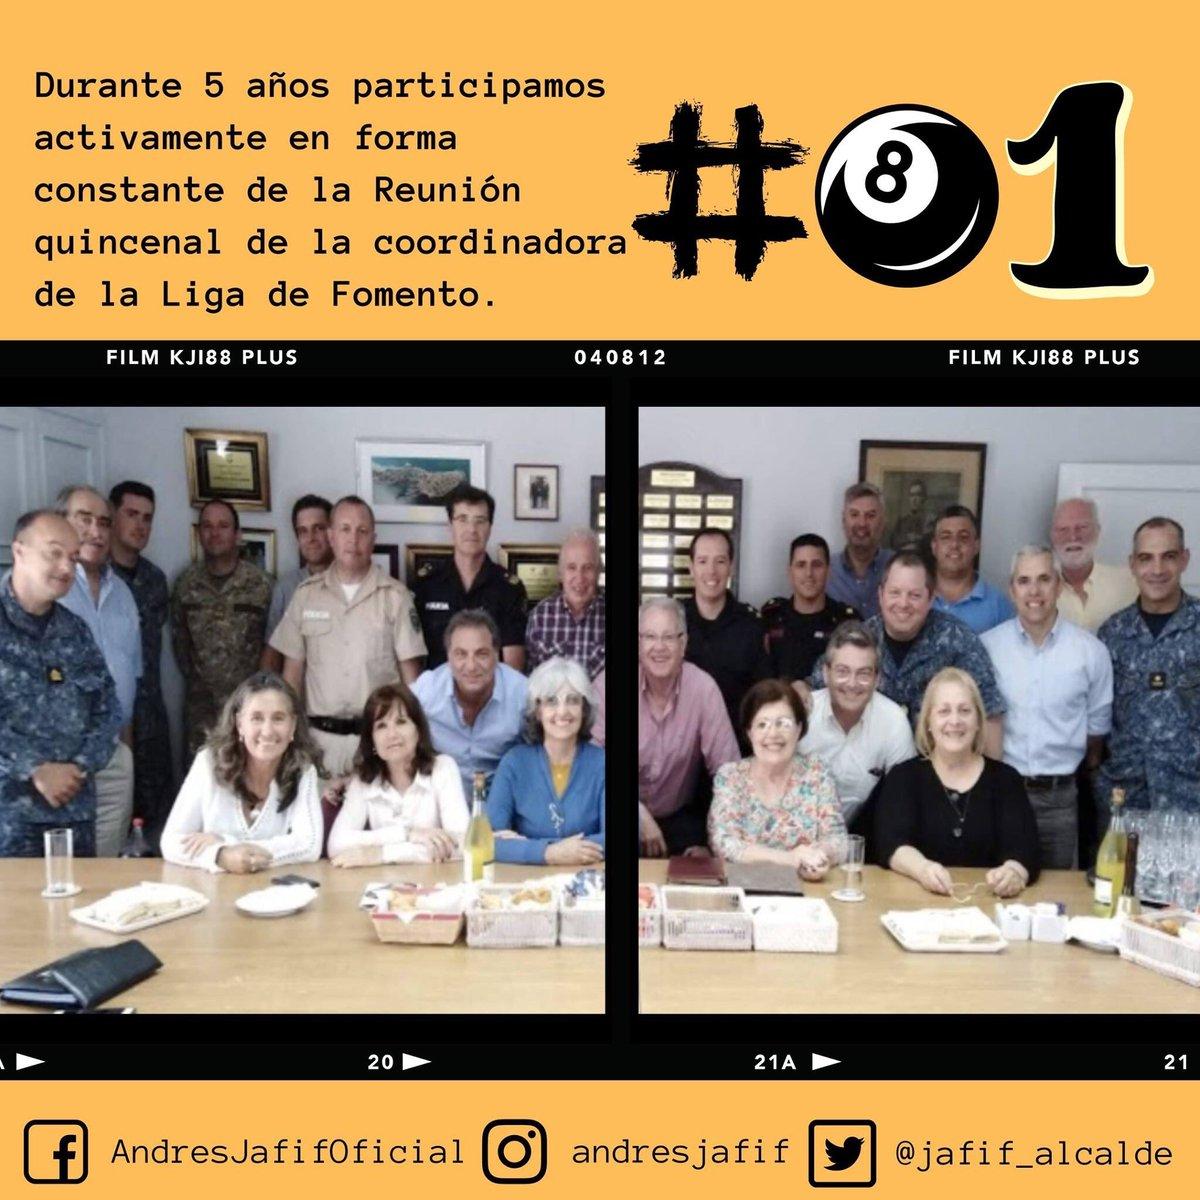 Durante 5 años participamos activamente en forma constante de la Reunión quincenal de la coordinadora de la Liga de Fomento.  #JafifAlcalde #Día81 #CuentaRegresiva #PuntaDelEste #Jafif100 https://t.co/ShW7NGuvK7